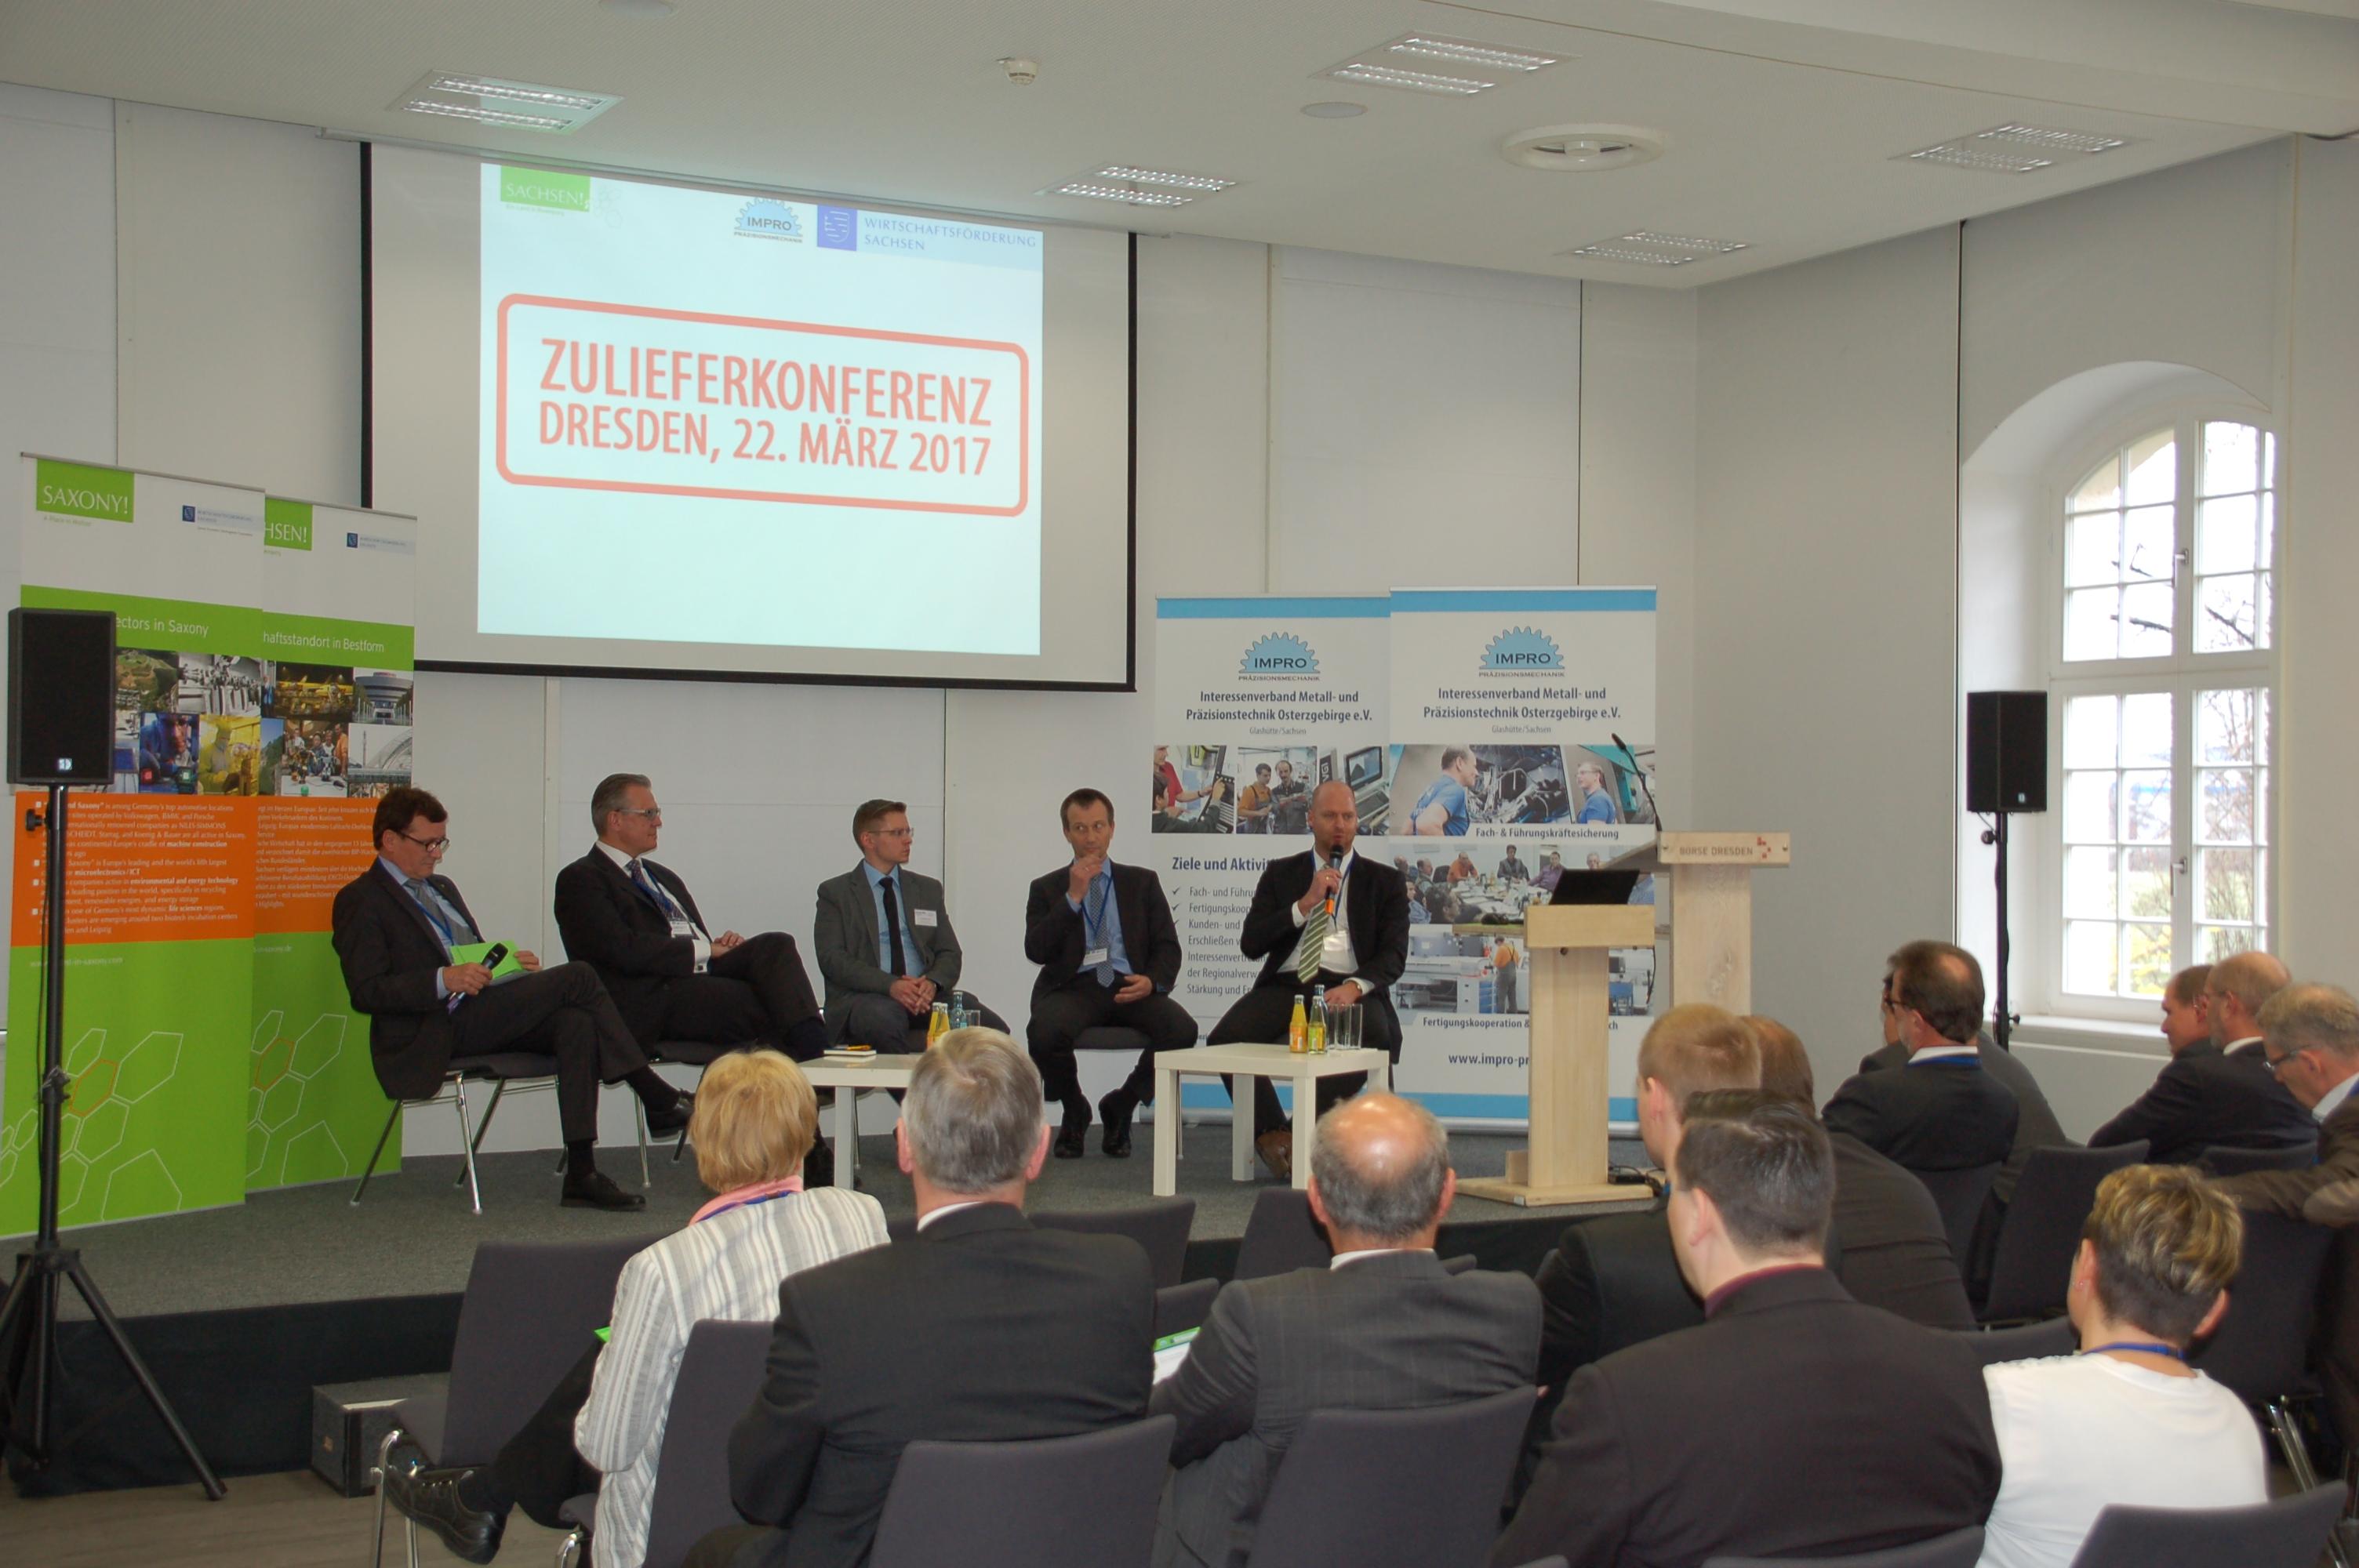 Podiumsdiskussion bei Zuliefererkonferenz 2017 || © Wirtschaftsförderung Sachsen GmbH & IMPRO e.V.